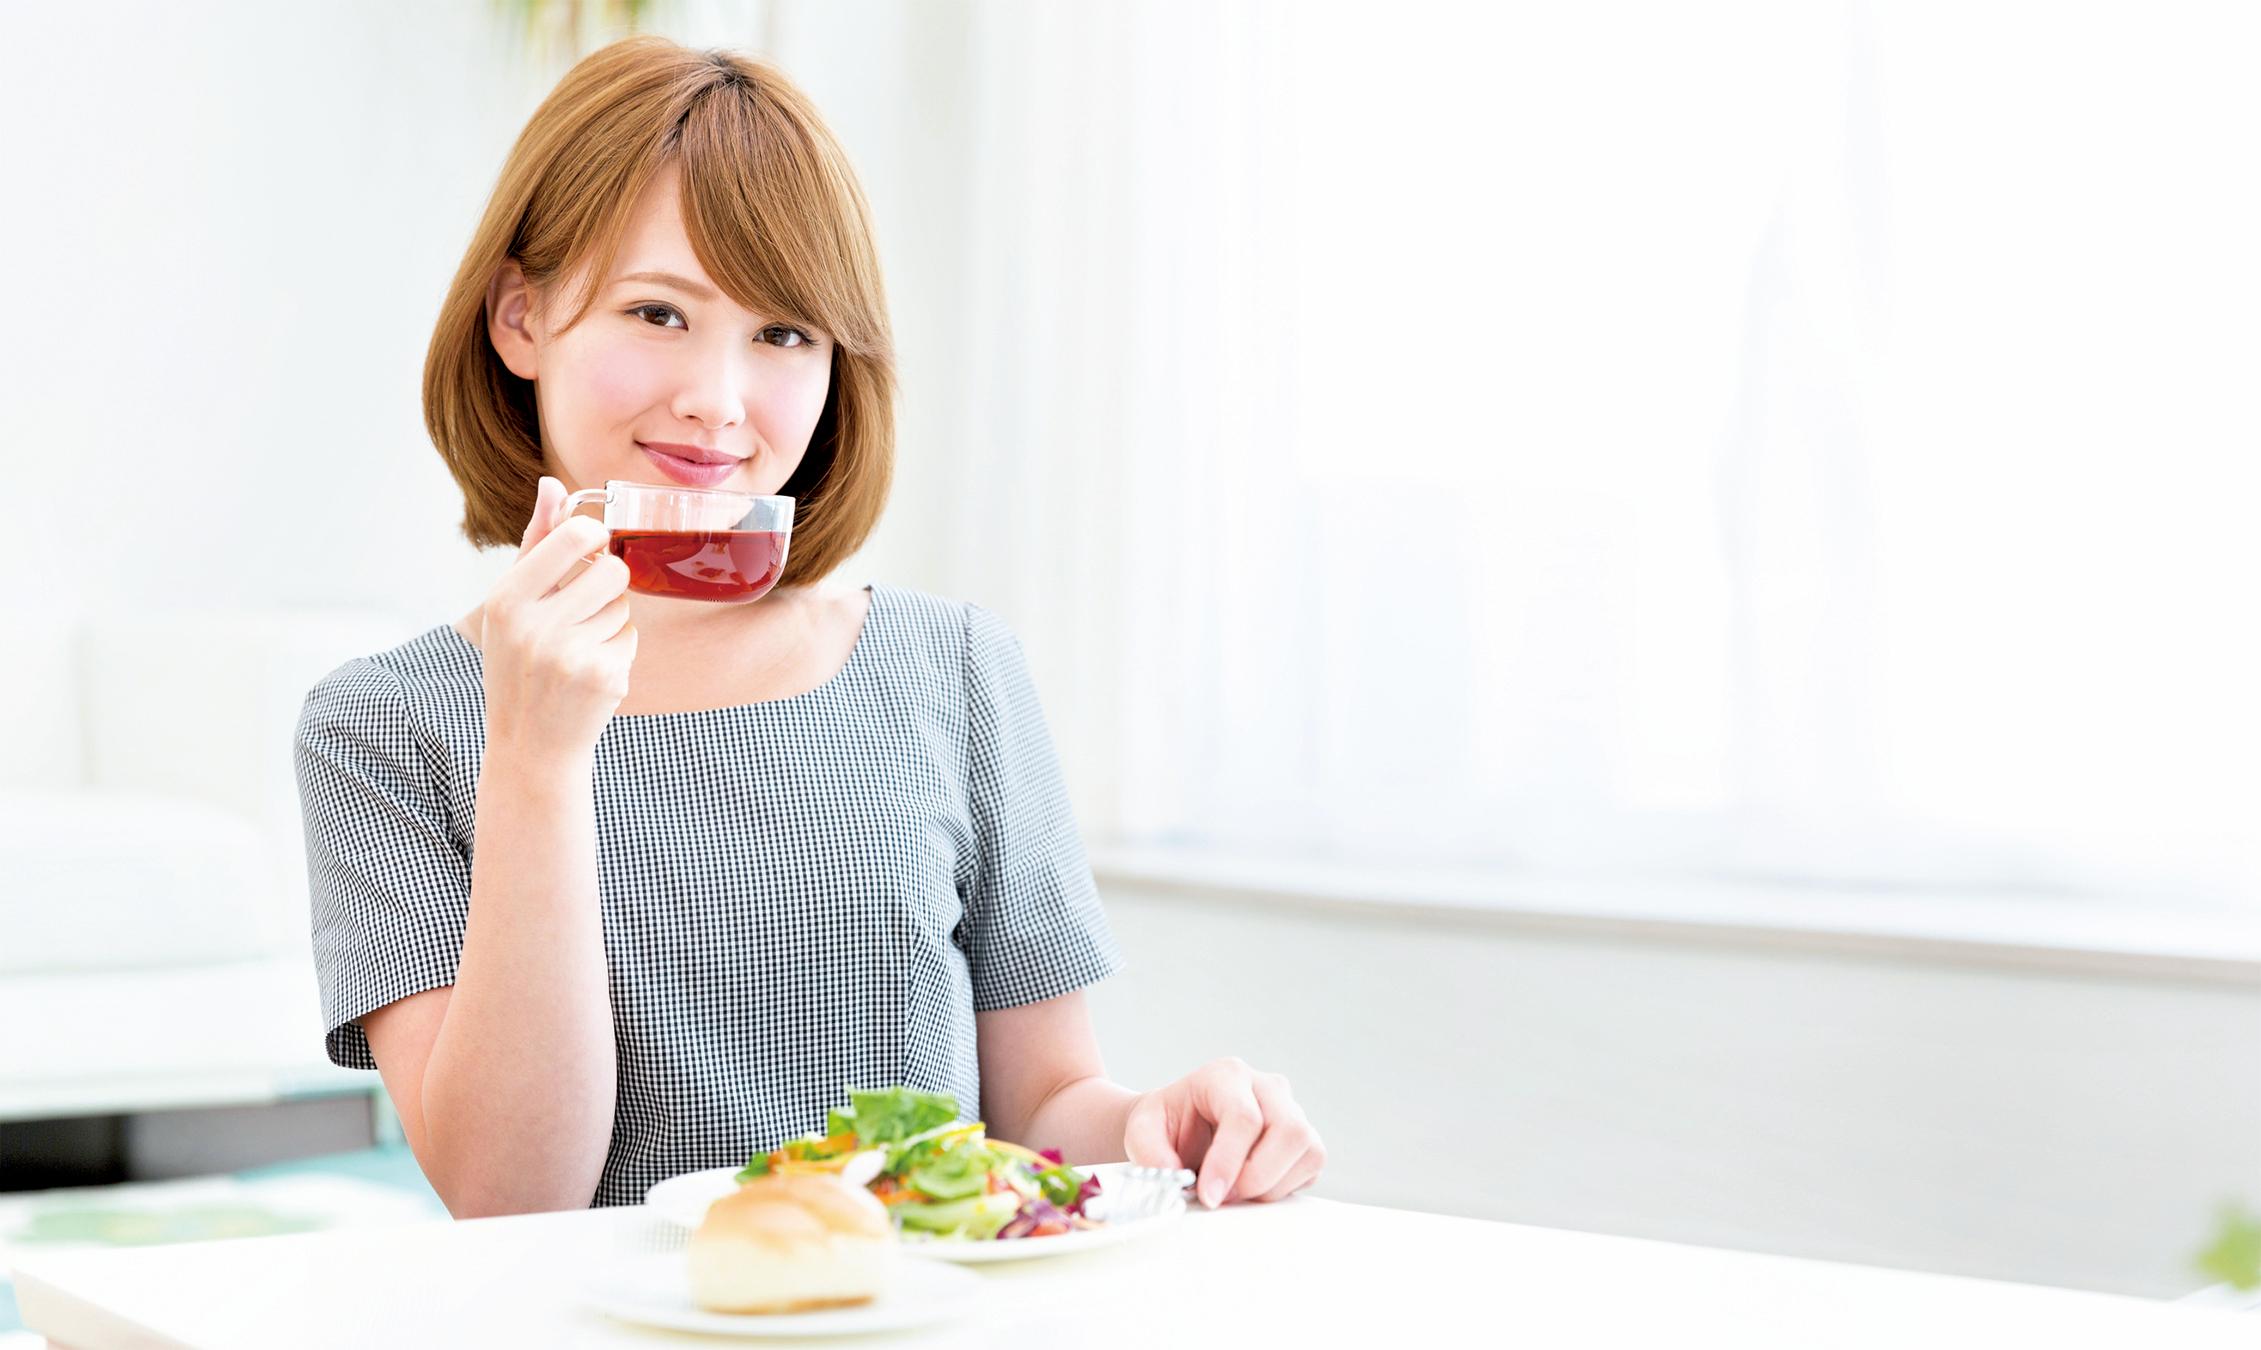 感覺飢餓時這十種食物最好不要吃